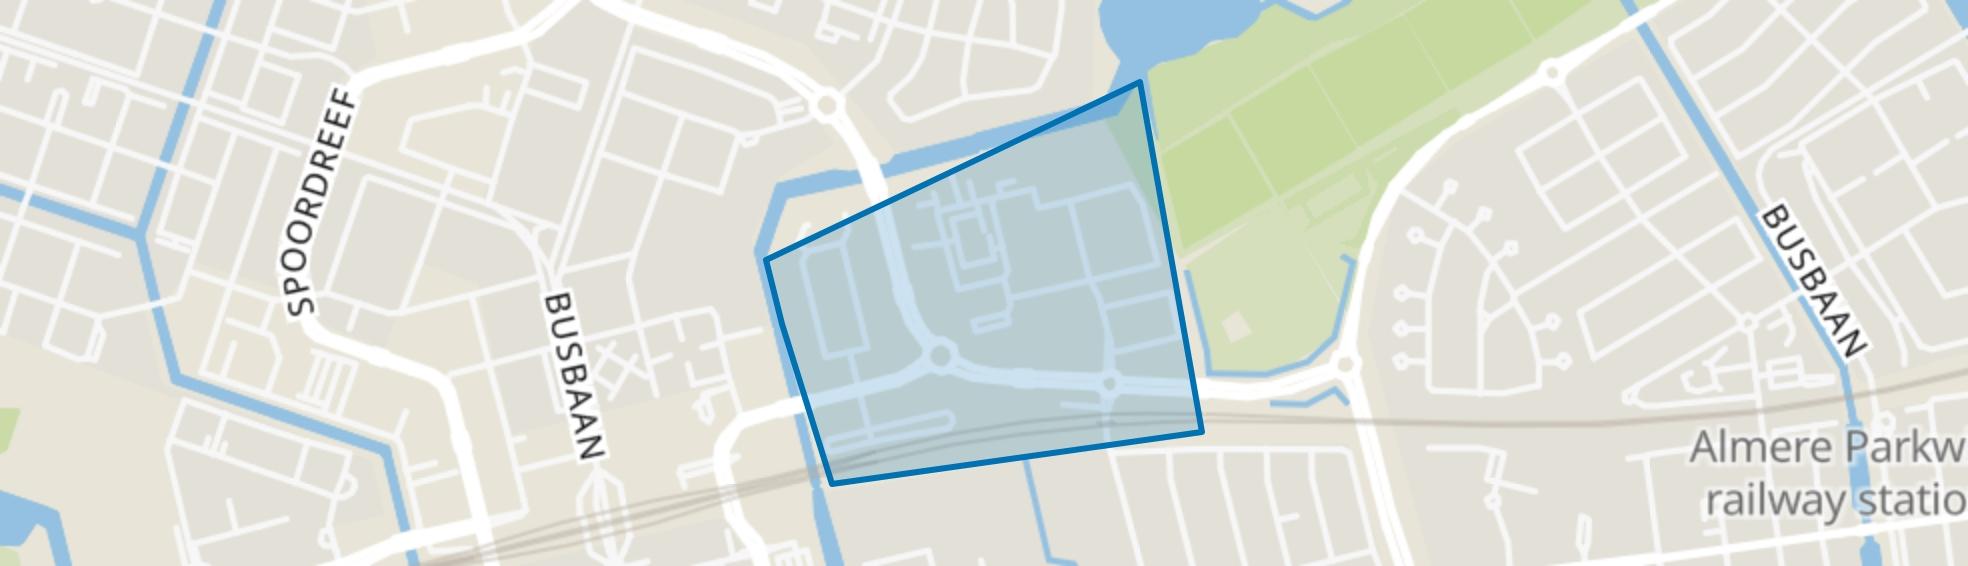 Randstad, Almere map